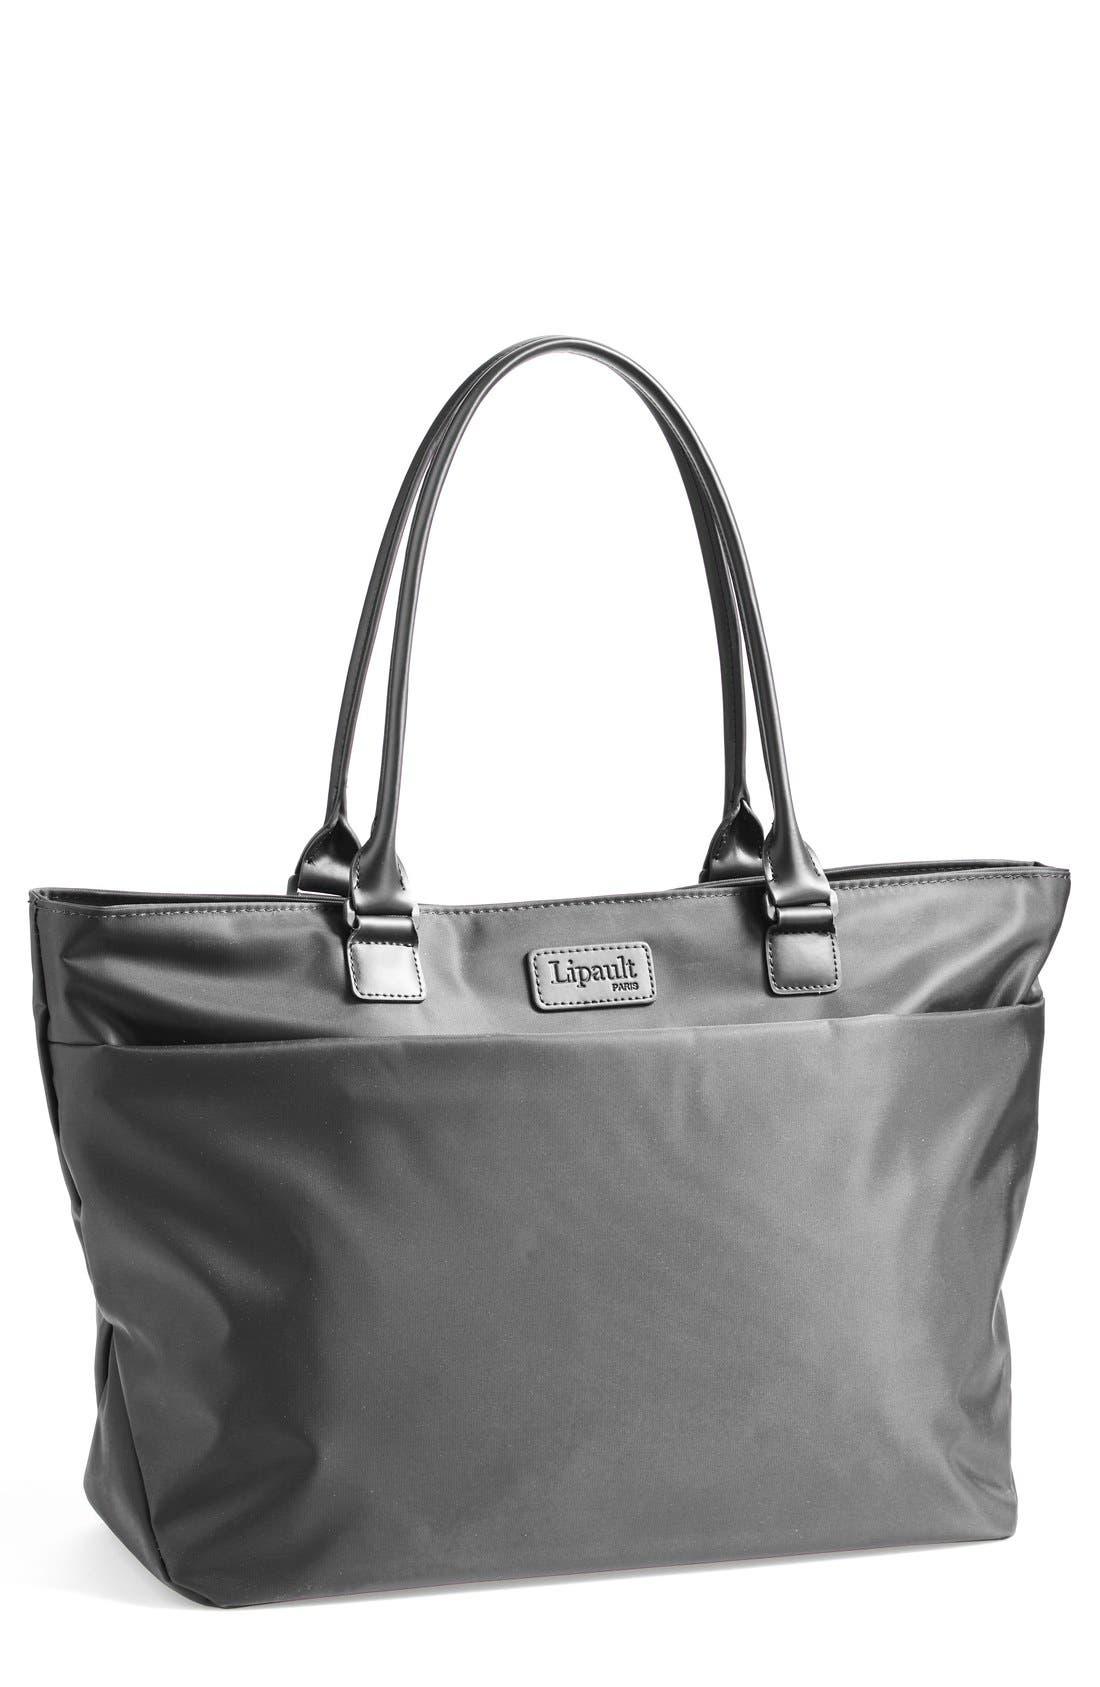 Alternate Image 1 Selected - LIPAULT Paris City Tote Bag